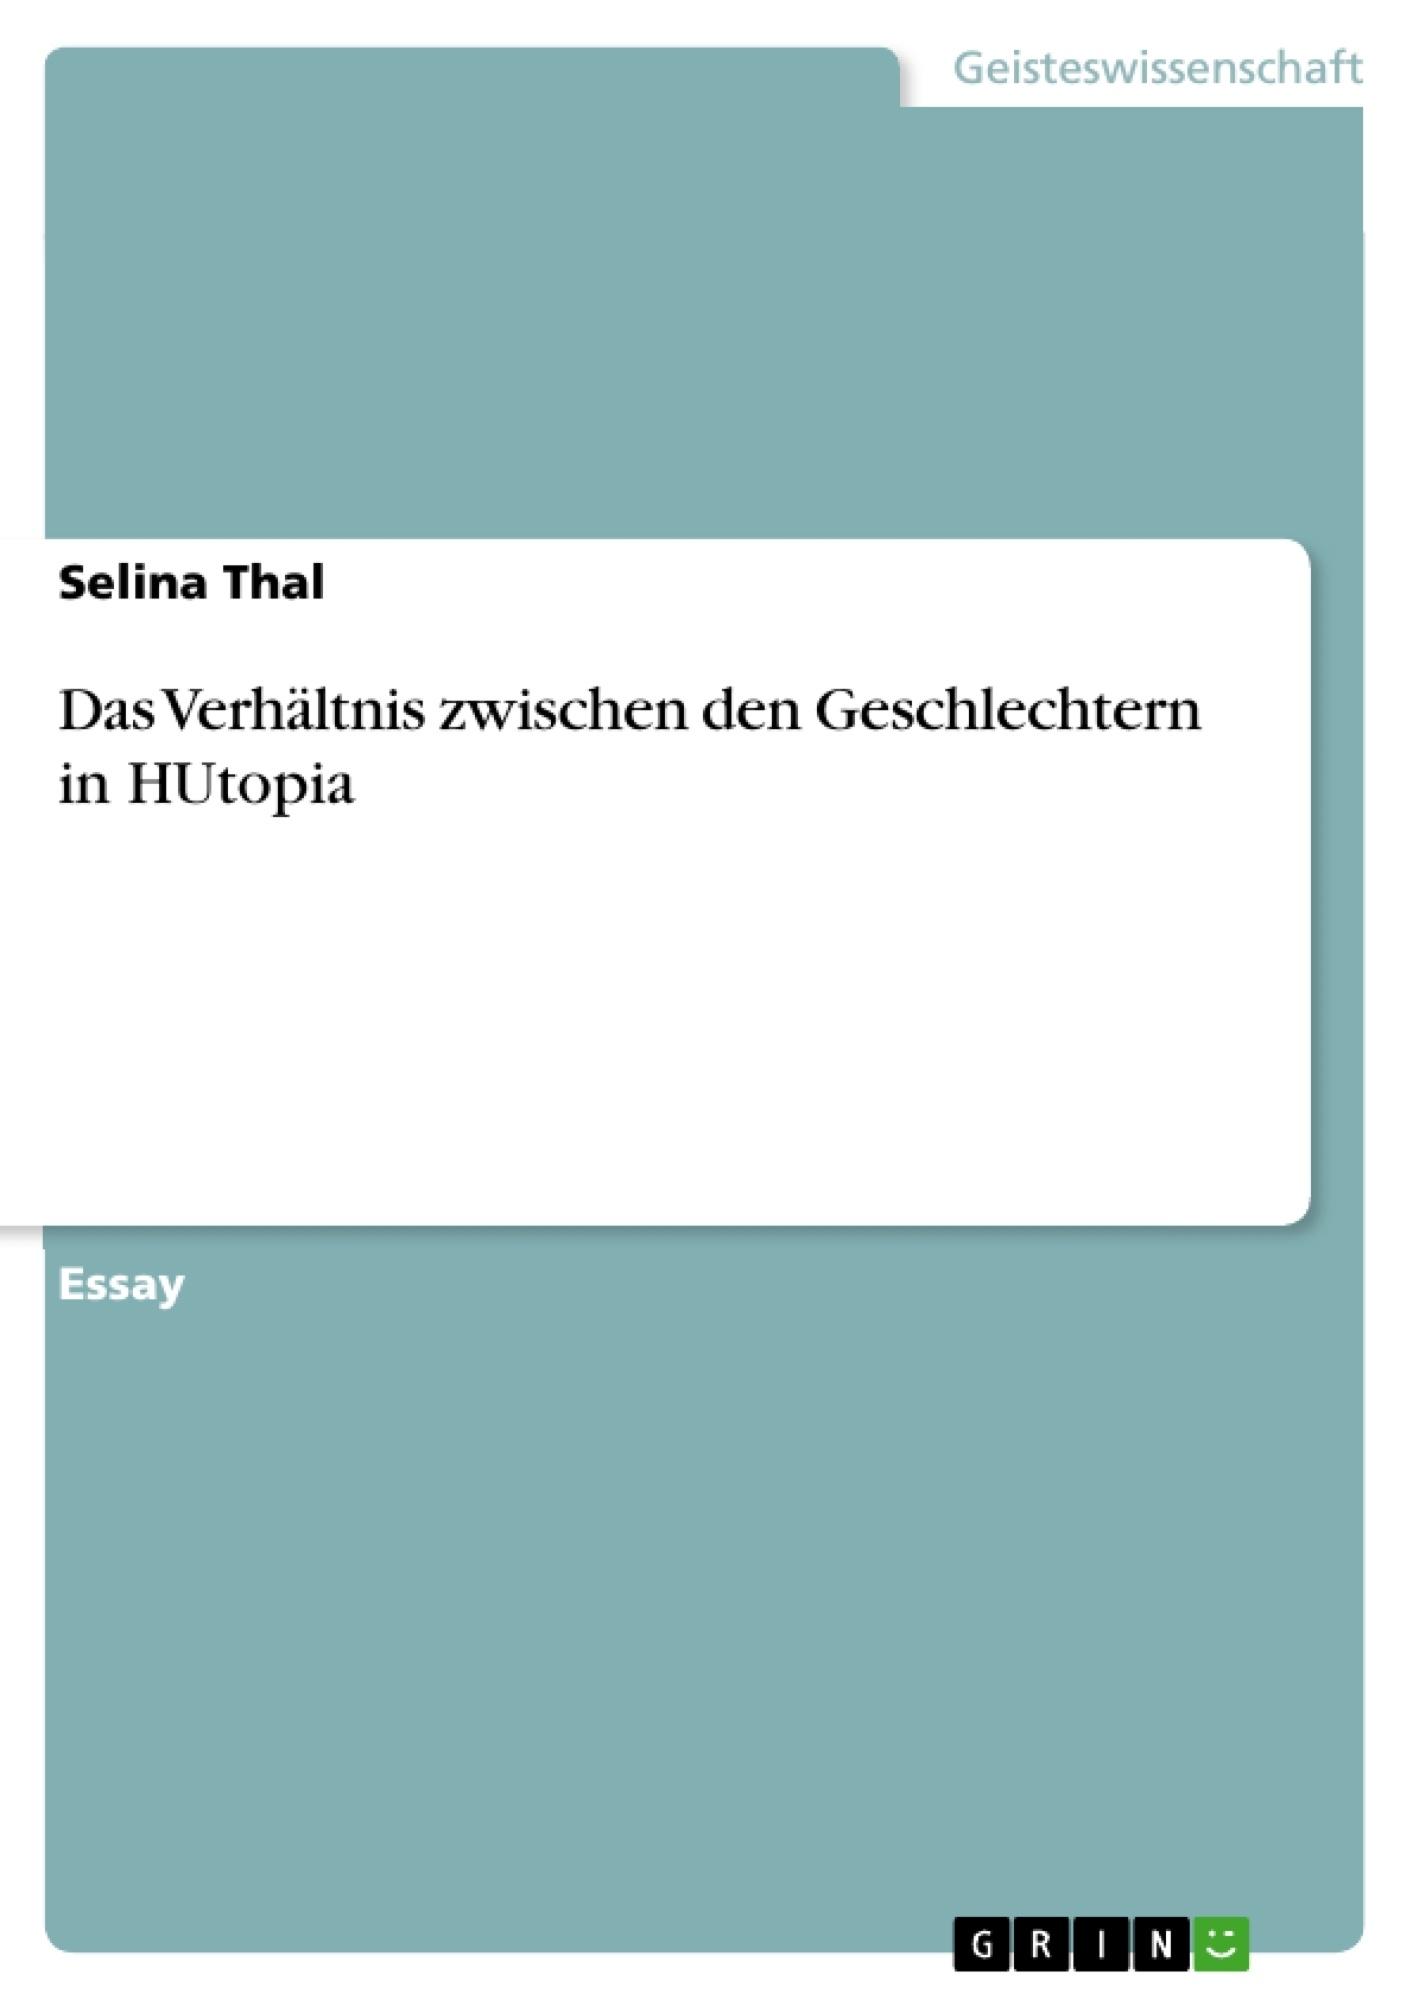 Titel: Das Verhältnis zwischen den Geschlechtern in HUtopia